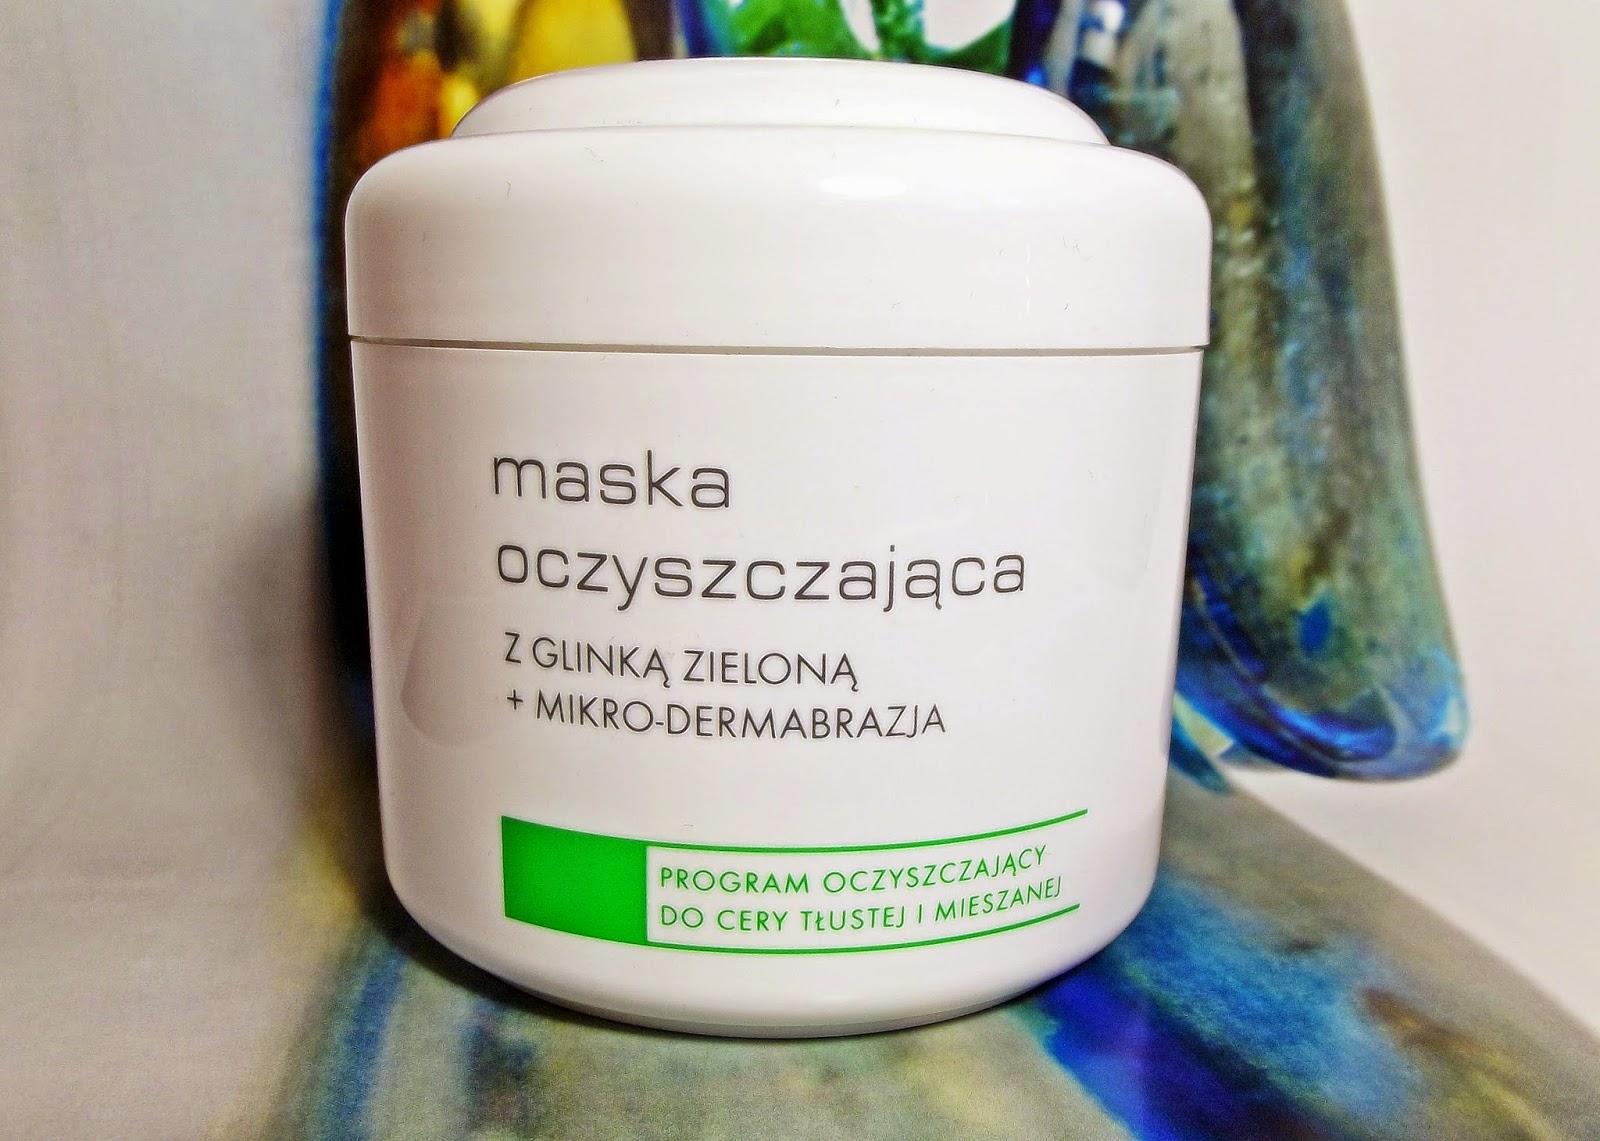 Ziaja maska oczyszczająca z glinką zieloną + mikro-dermabrazja